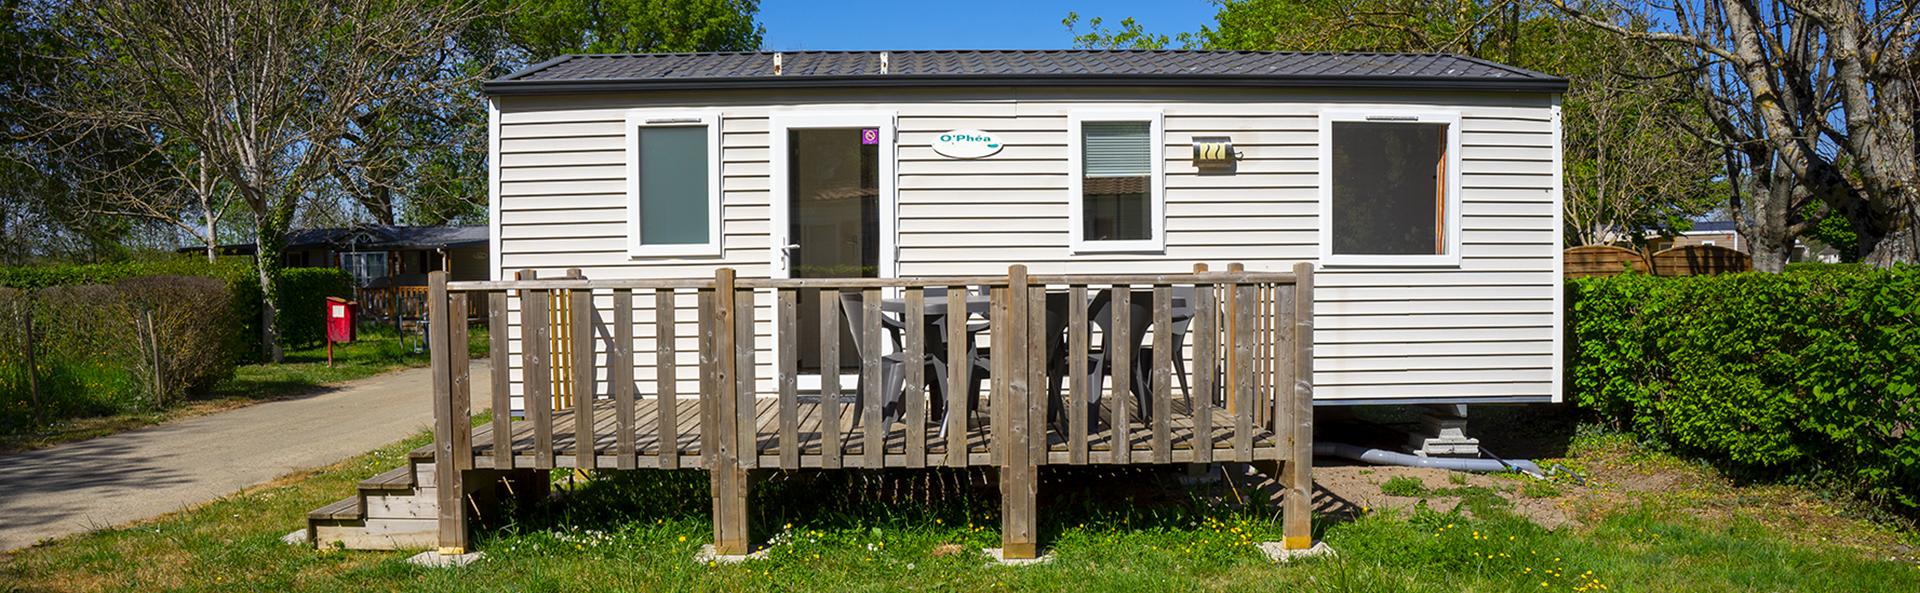 Rustine : mobil-home 6 personnes en location au Camping Le Vieux Moulin